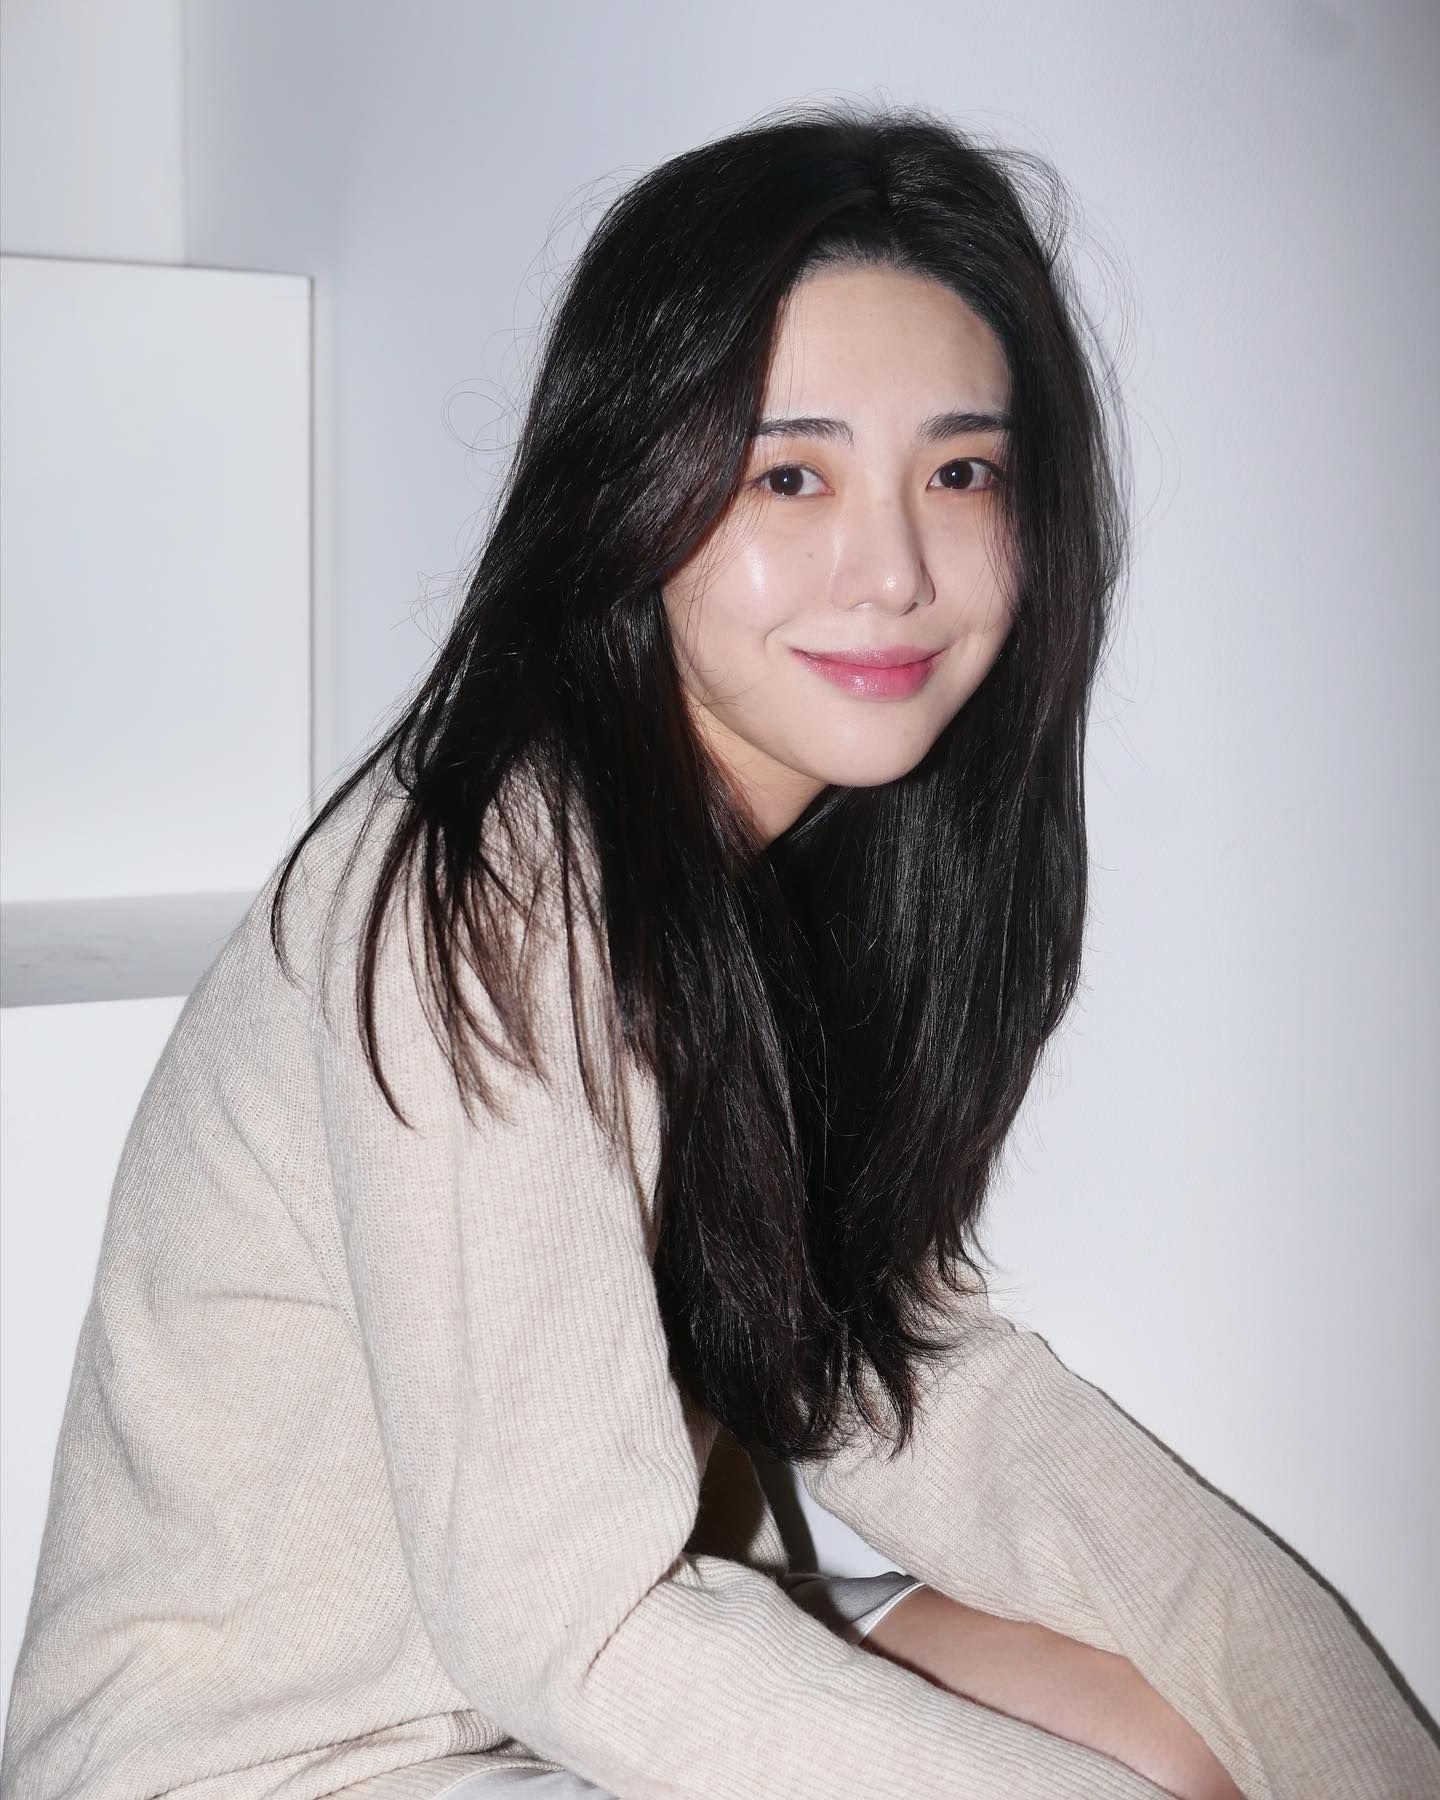 NÓNG: Idol Hàn Quốc Mina (AOA) tự 'chấm dứt cuộc đời' lần thứ 4 tại nhà riêng 2